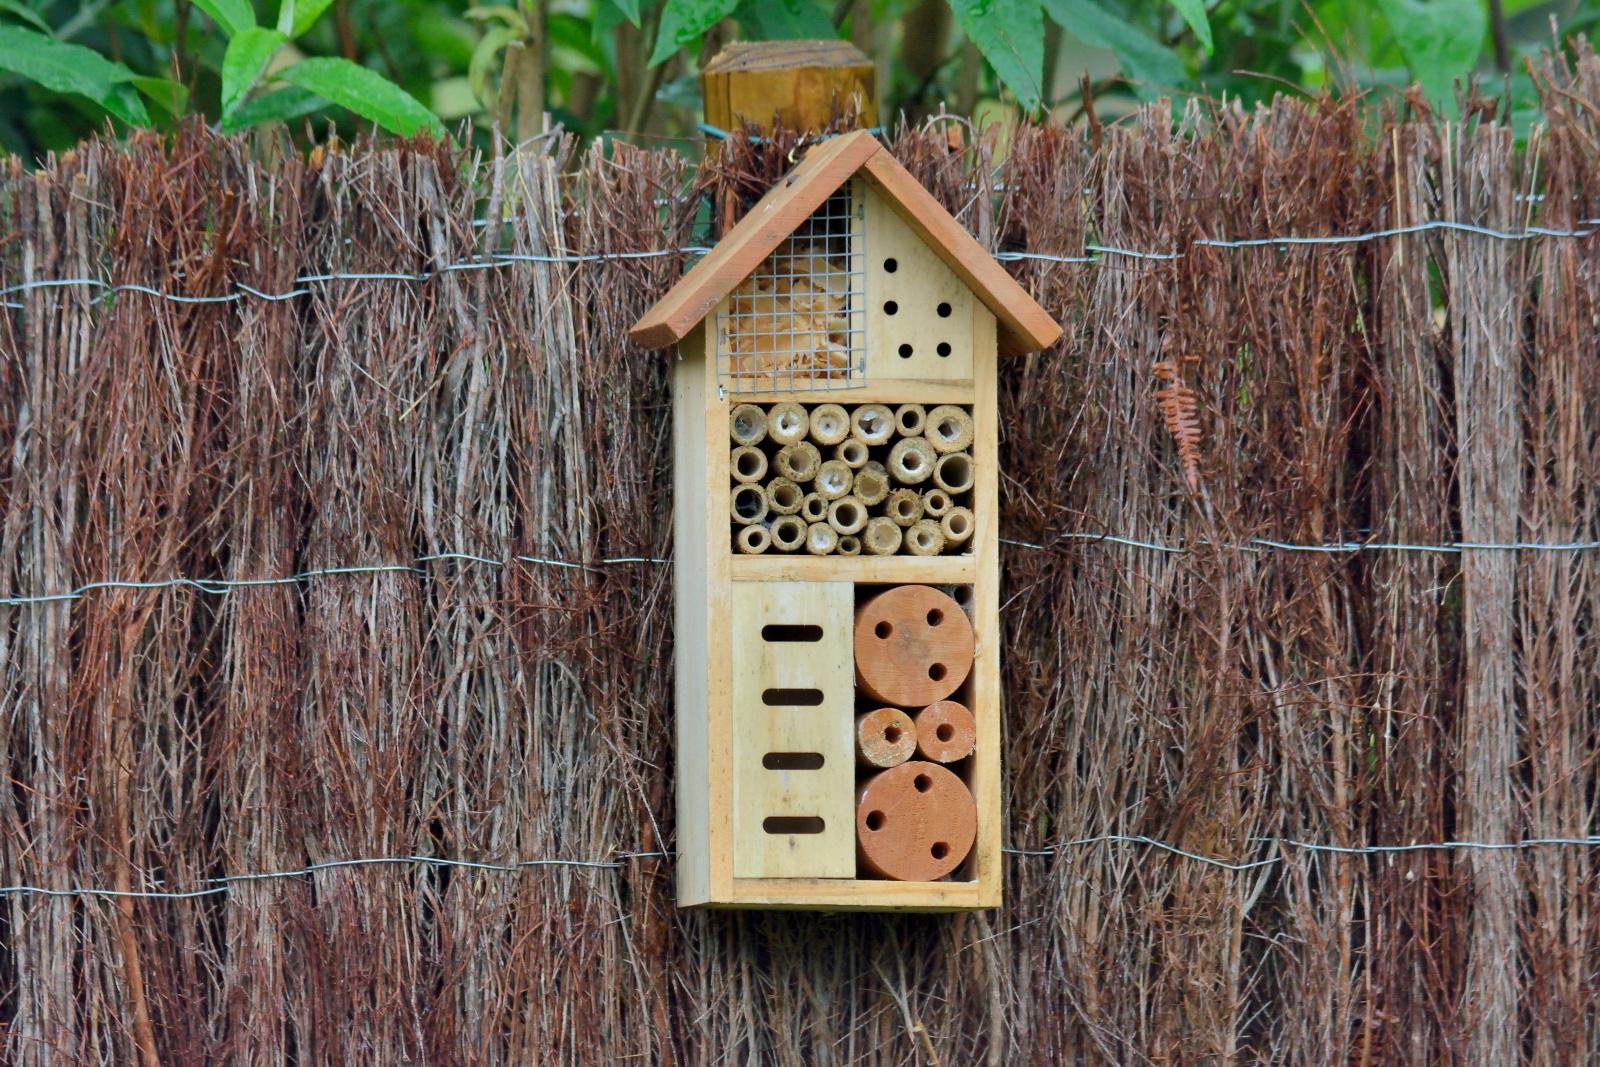 Boîte à insectes dans un jardin